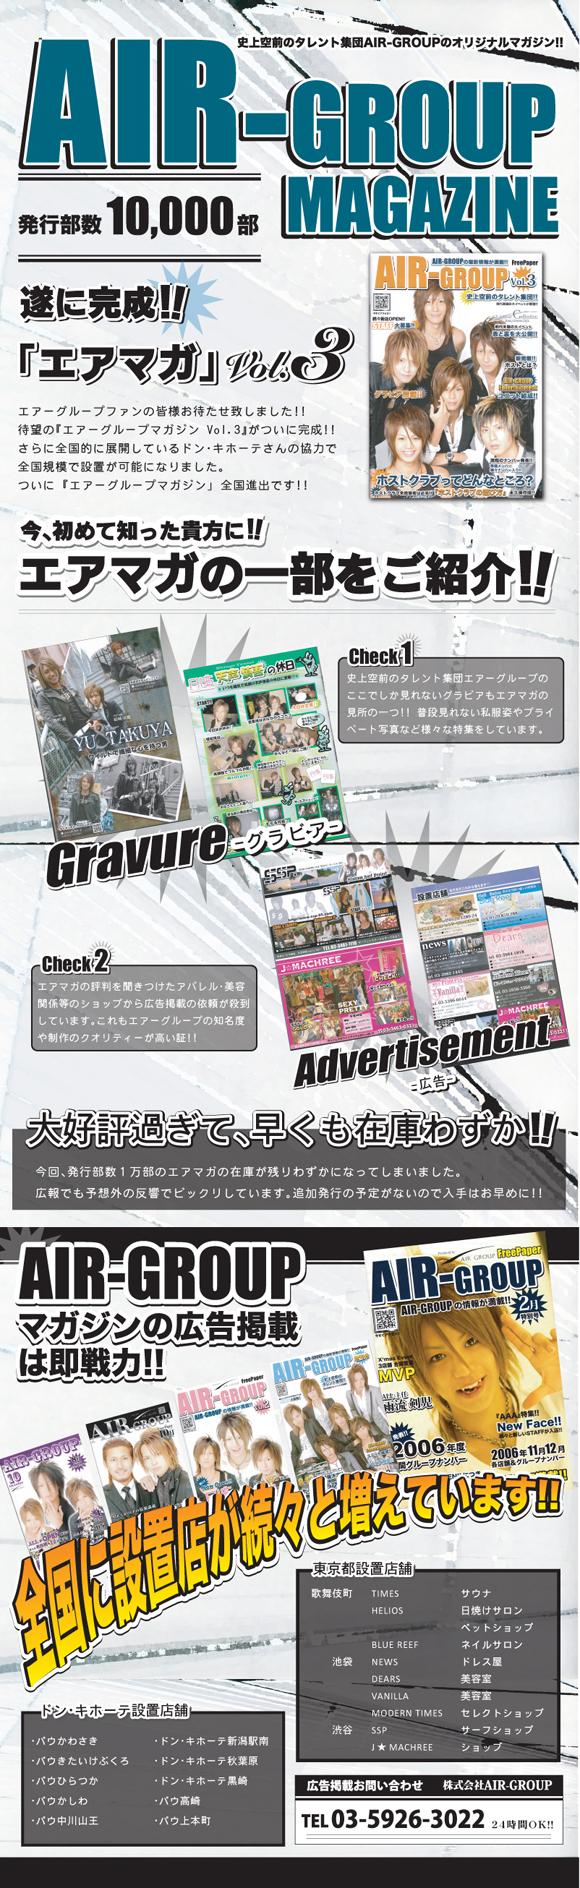 歌舞伎町のホストクラブ、エアーグループの発行する「AIRGROUPMagazine」のご紹介。広告掲載店様、設置店様大募集中です。